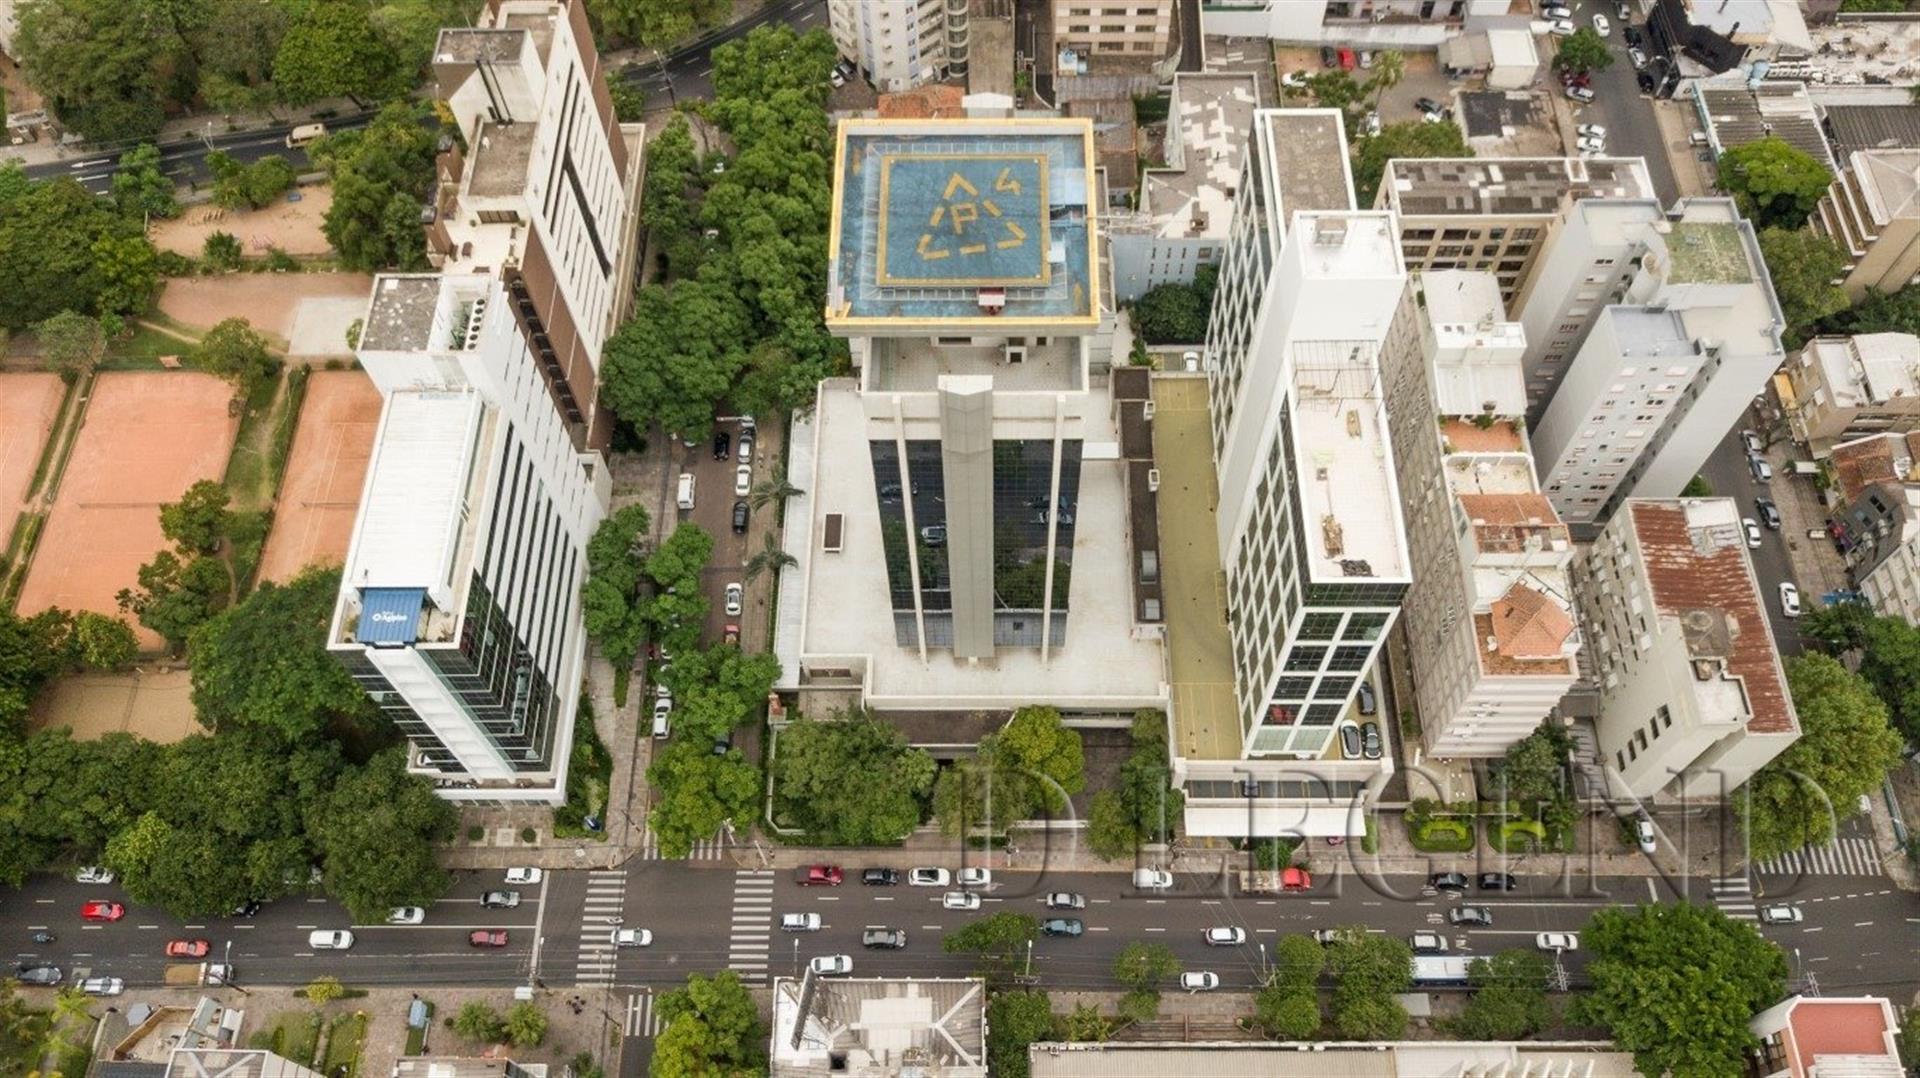 Centro Empresarial Mostardeiro - Rua Mostardeiro, 322 - Moinhos de Vento - Porto Alegre